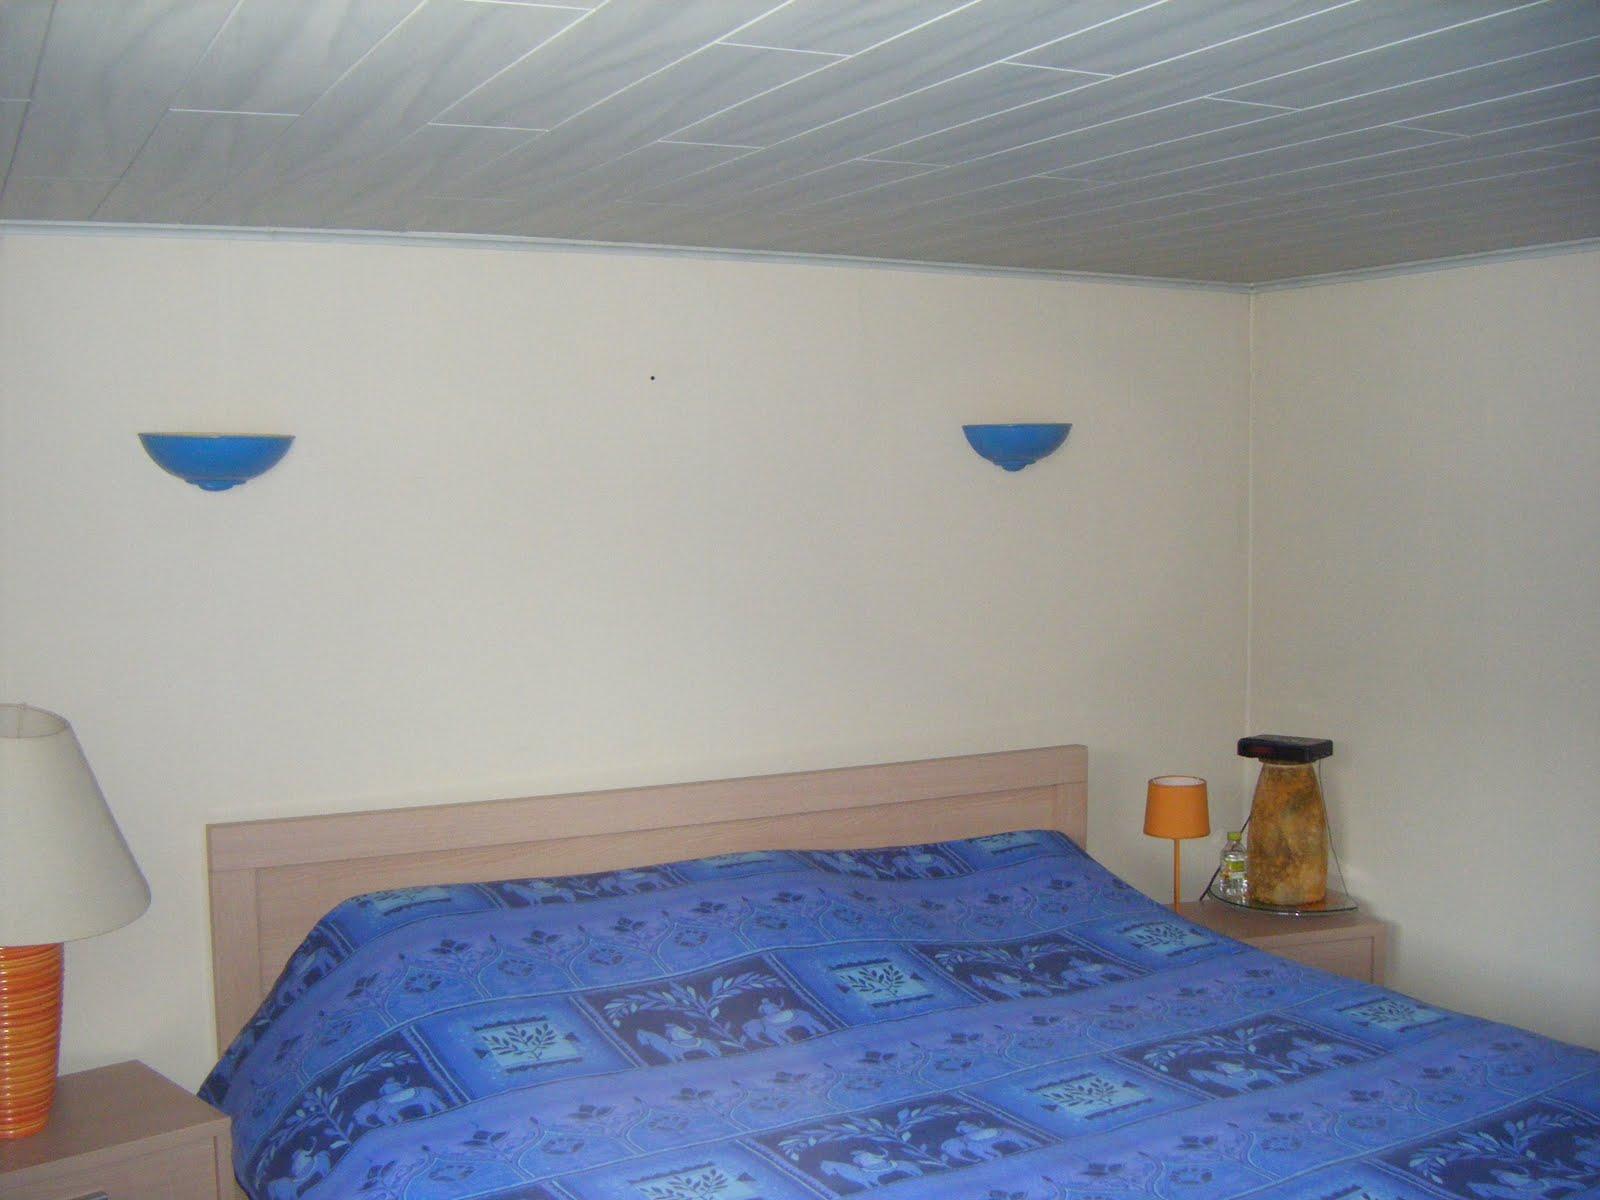 Mummy peps: avant/après ; décoration de la chambre